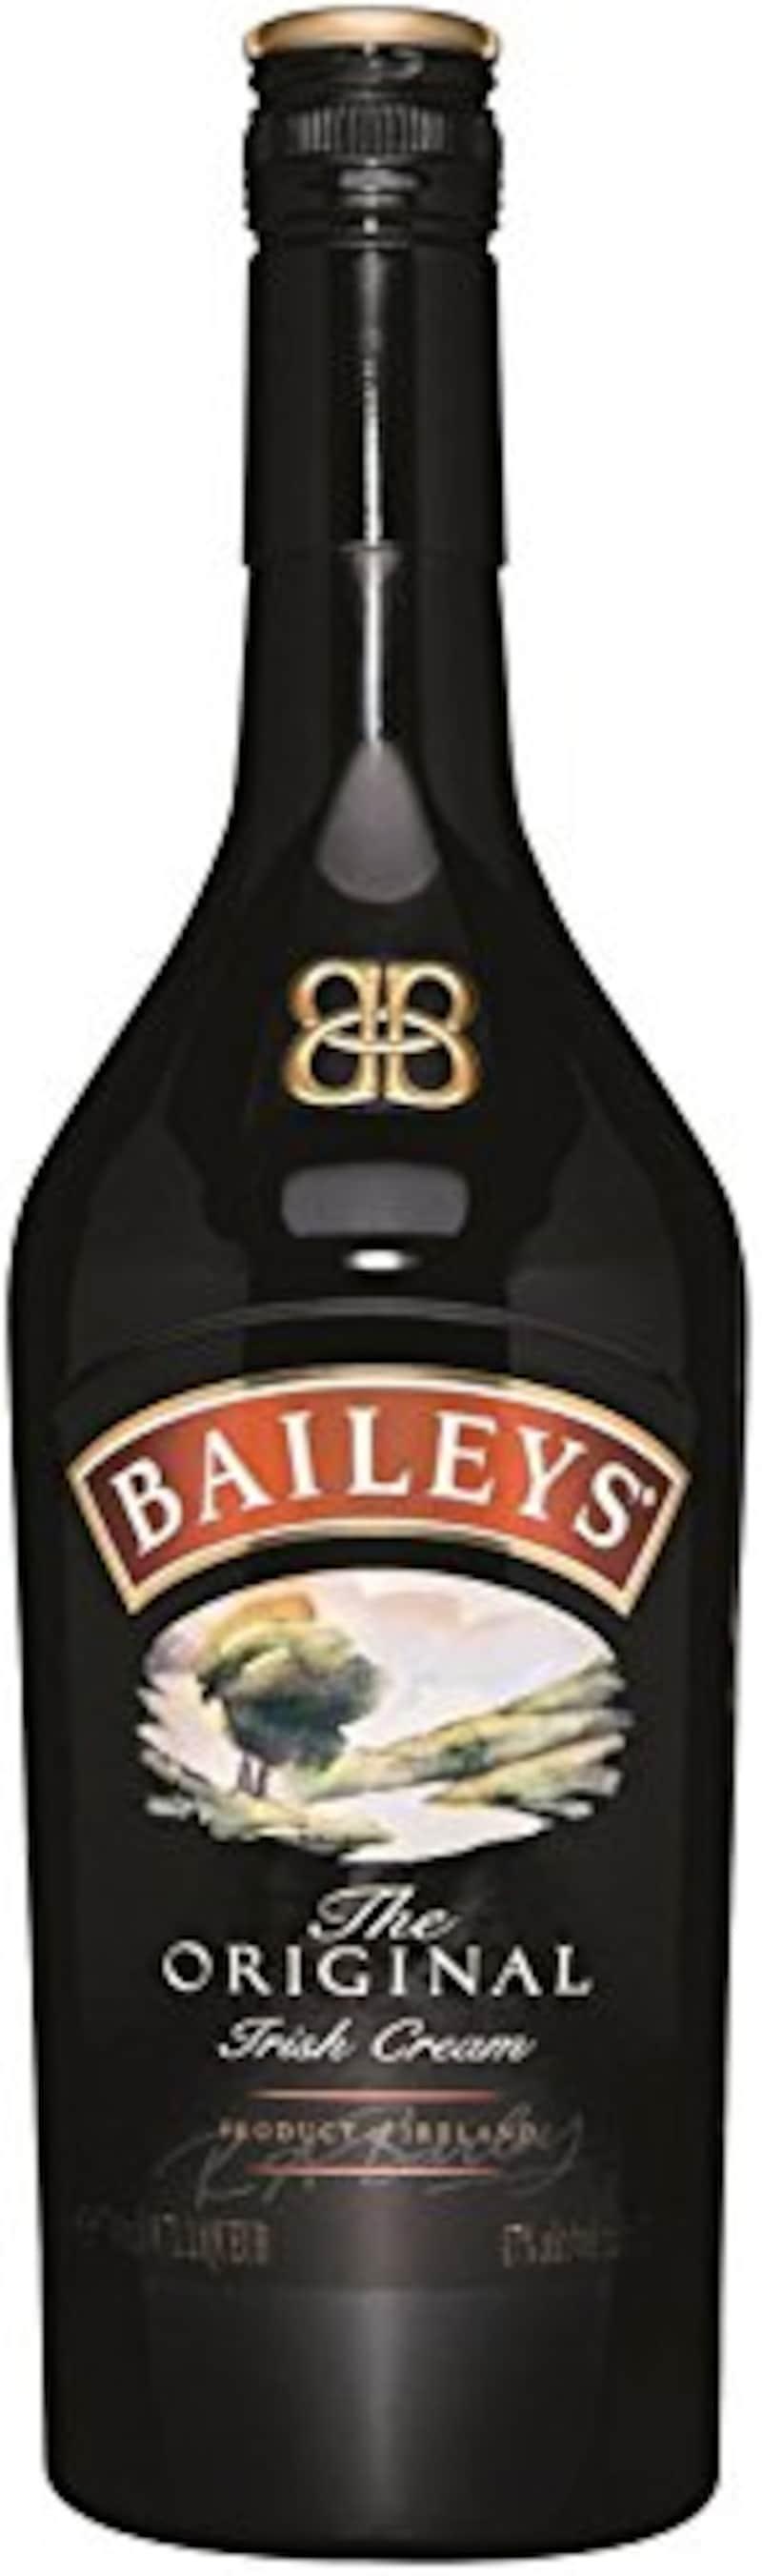 ベイリーズ,オリジナルアイリッシュクリーム